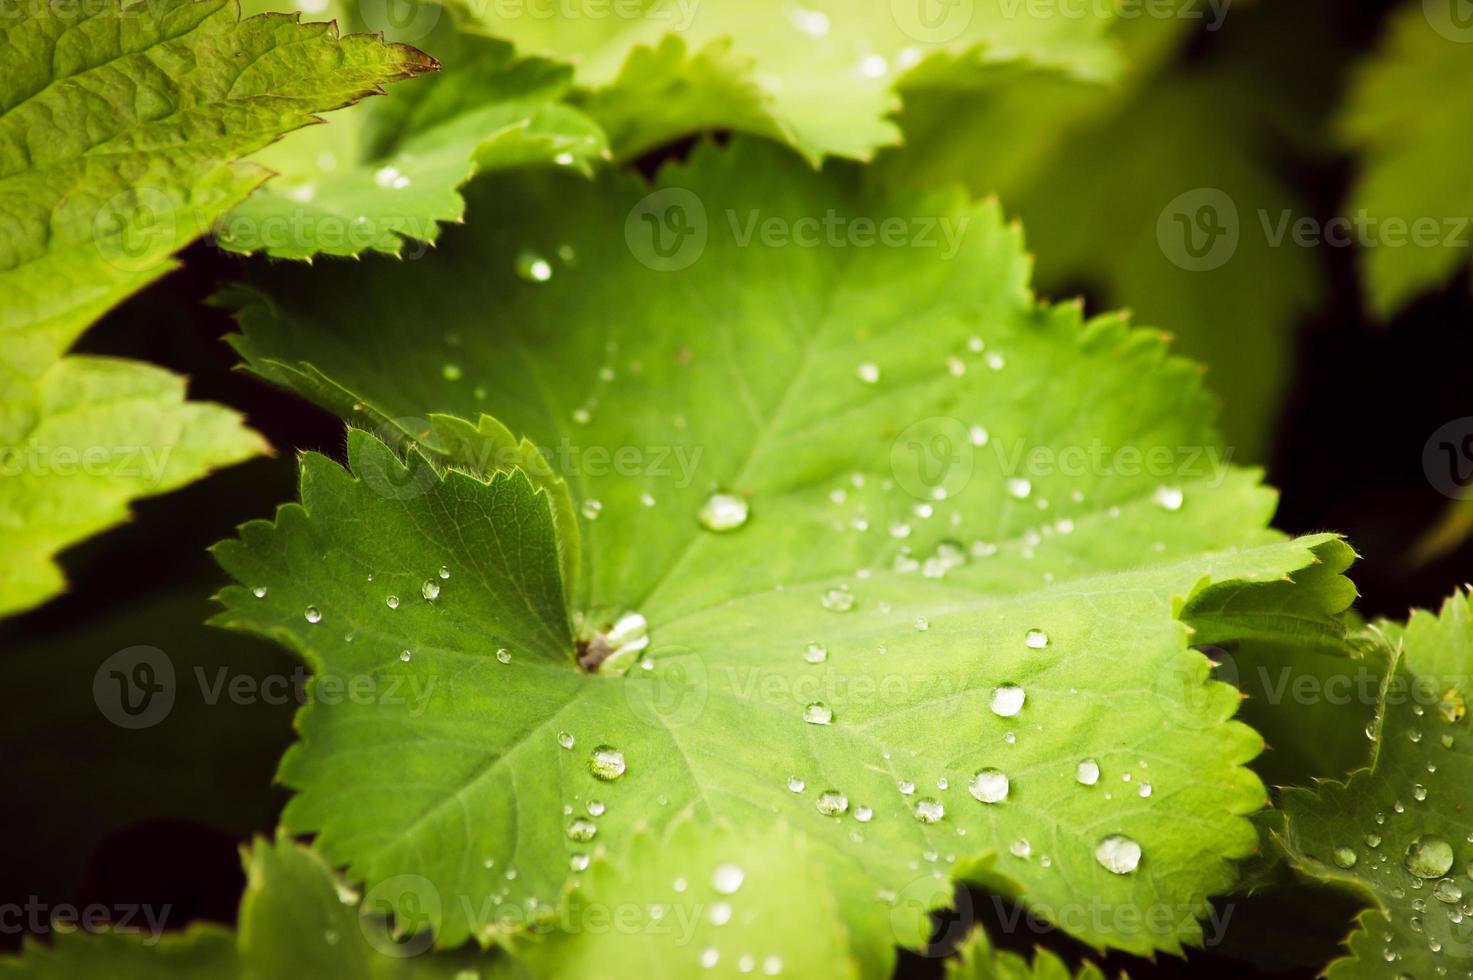 gotas de agua sobre la hoja verde foto